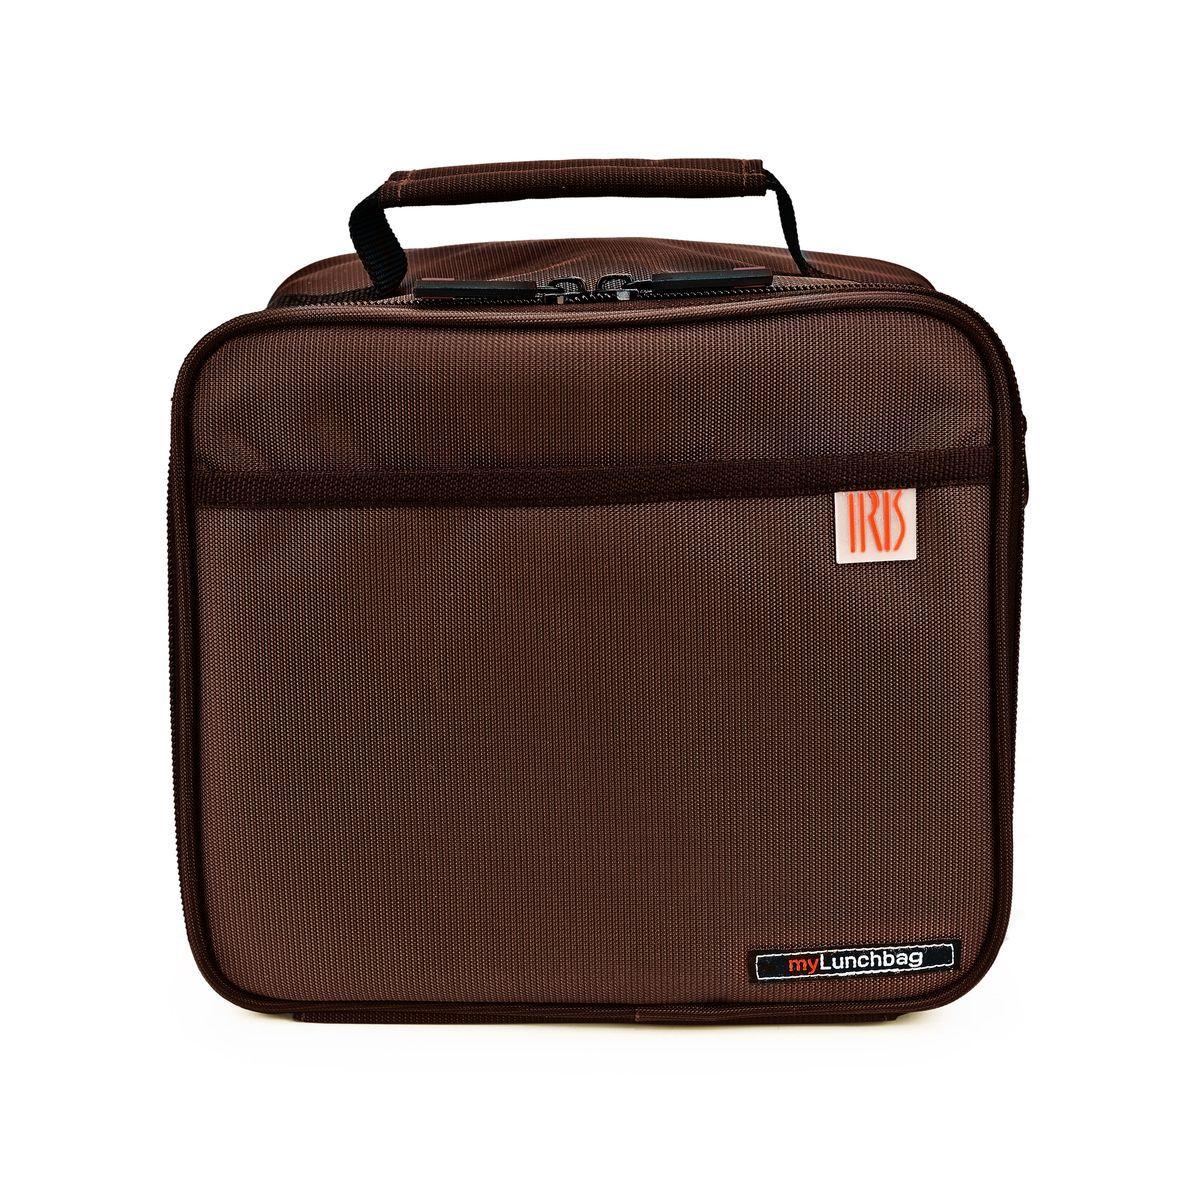 """Фото Термосумка для ланч-бокса Iris Barcelona """"Classic Pocket MyLunchbag"""", цвет: коричневый. Покупайте с доставкой по России"""